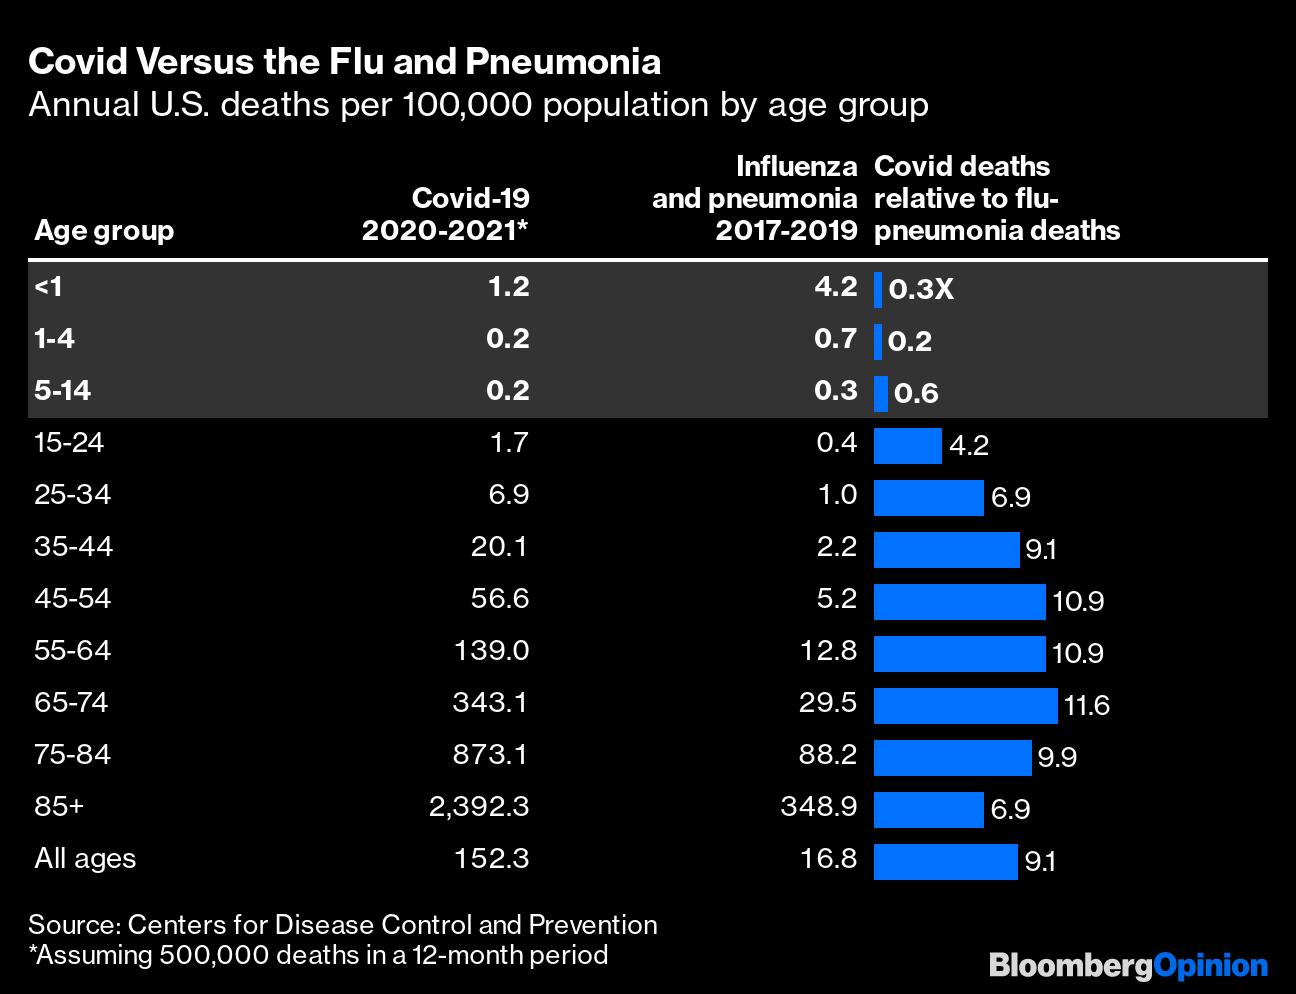 Covid Versus the Flu and Pneumonia